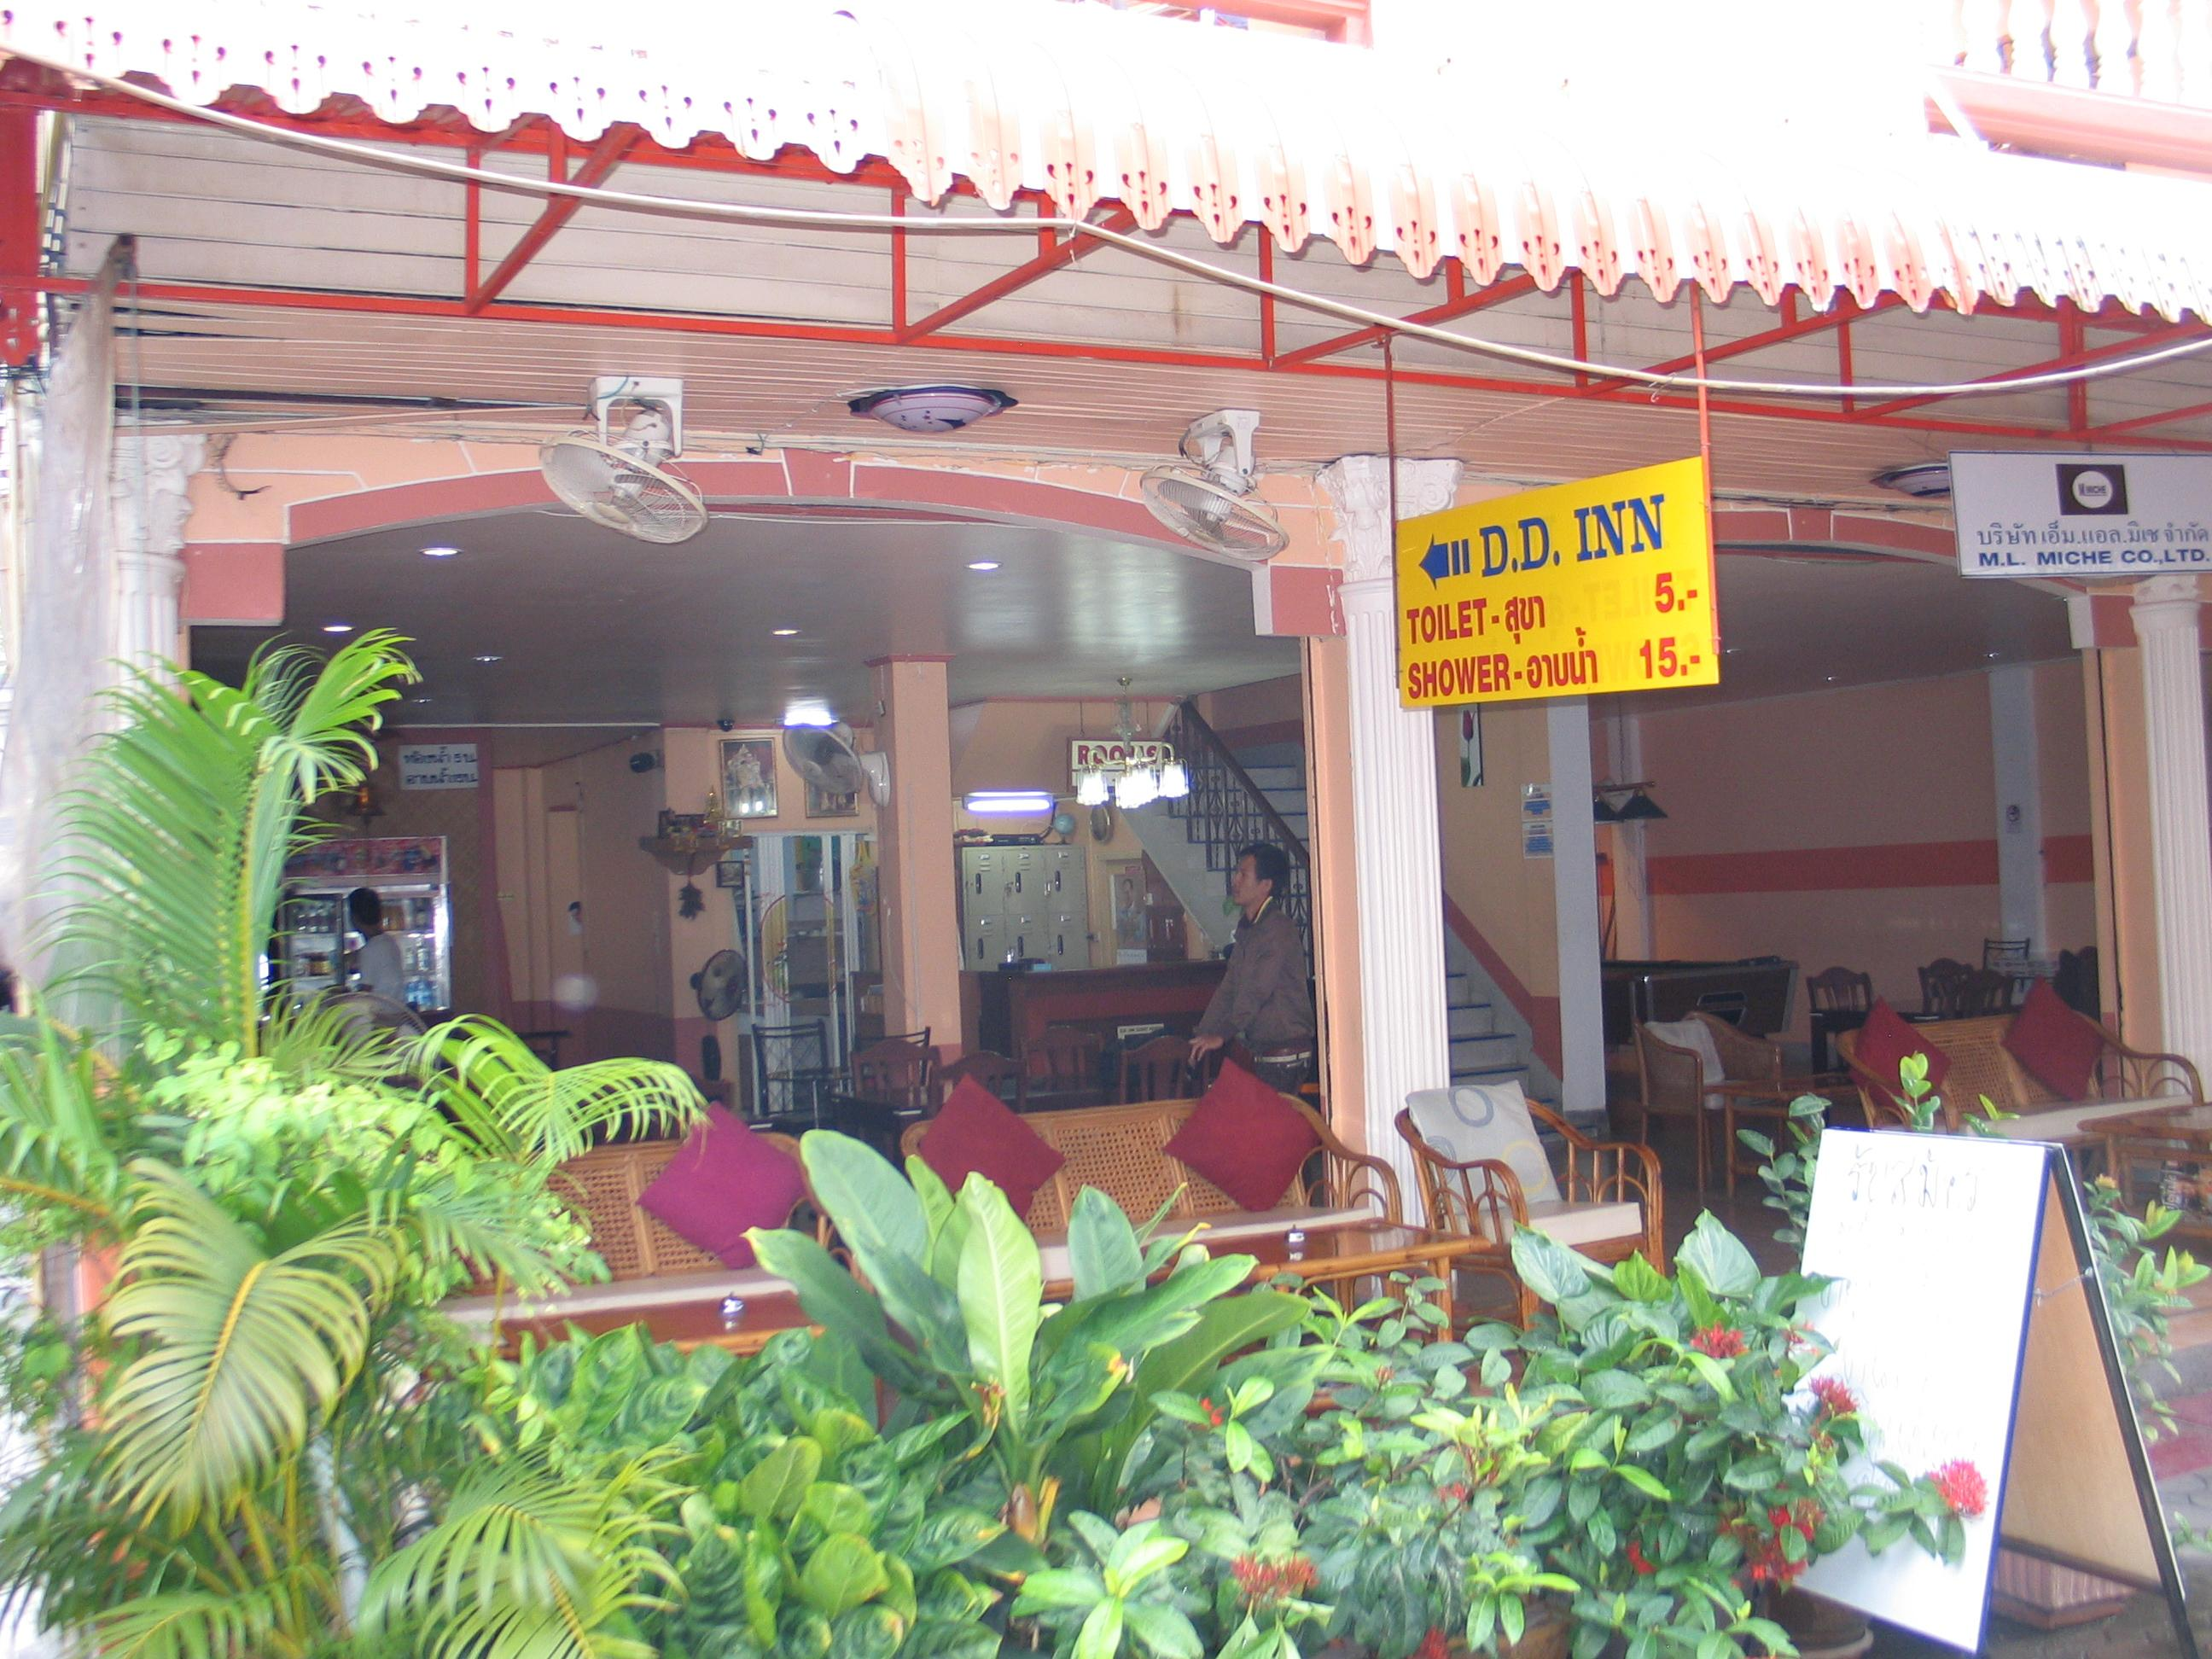 D.D. Inn Pattaya